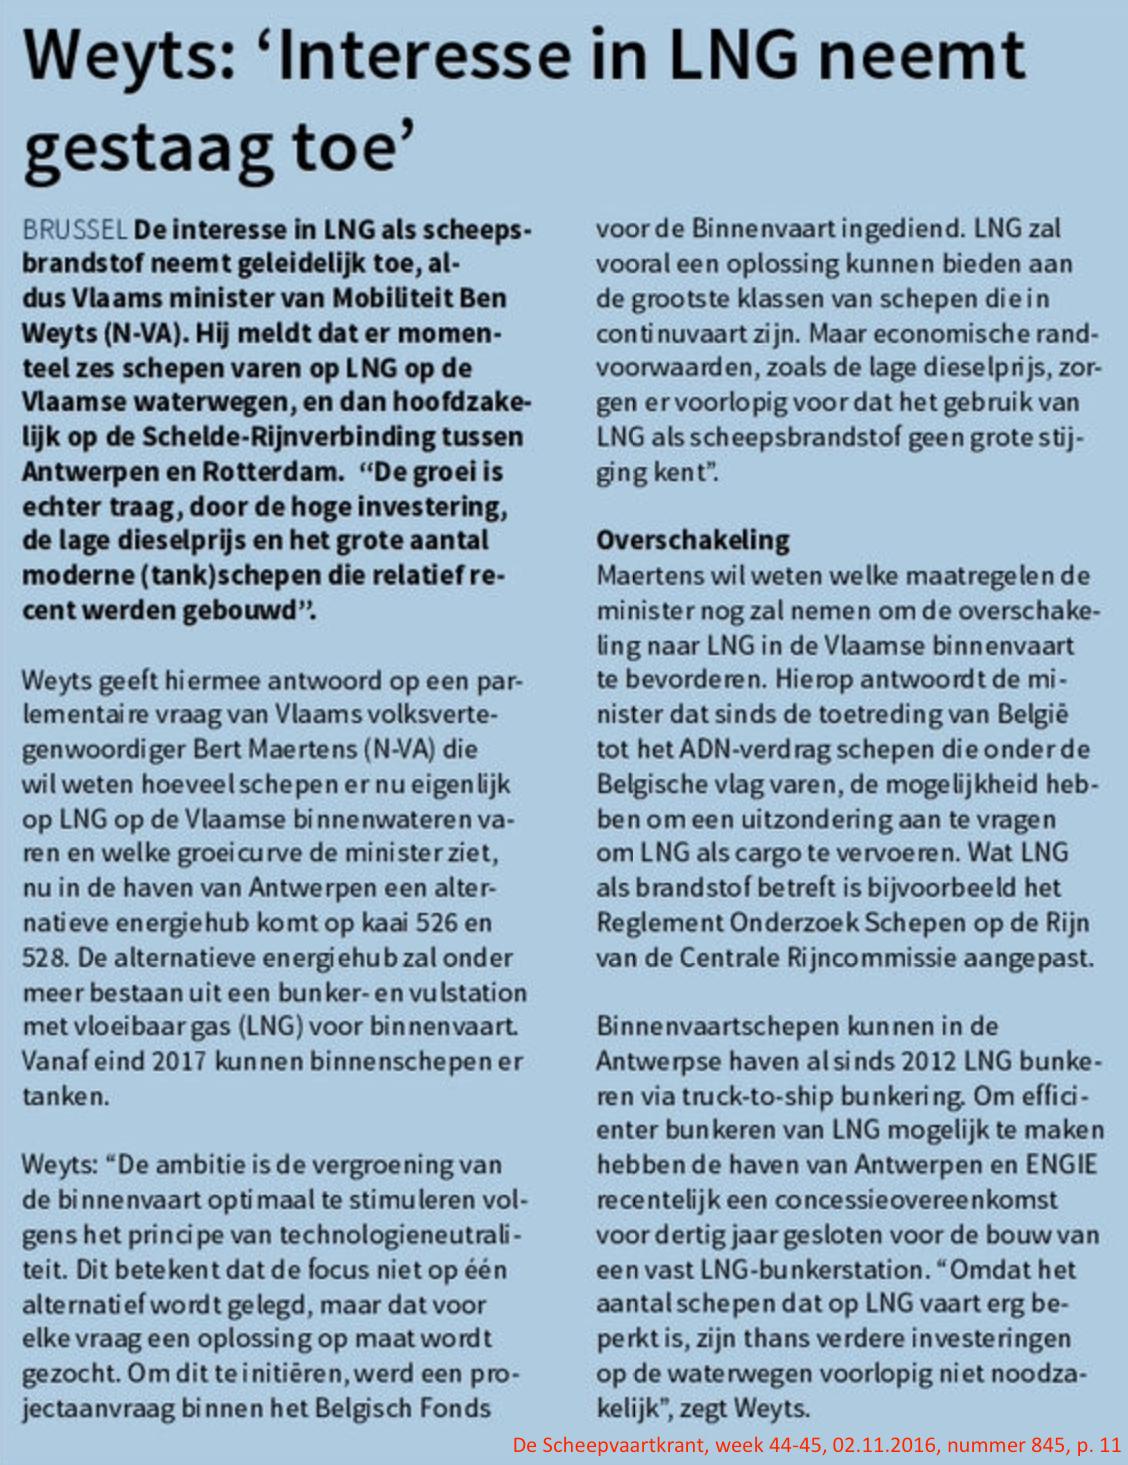 De Scheepvaartkrant, week 44-45, 02.11.2016, nummer 845, p. 11